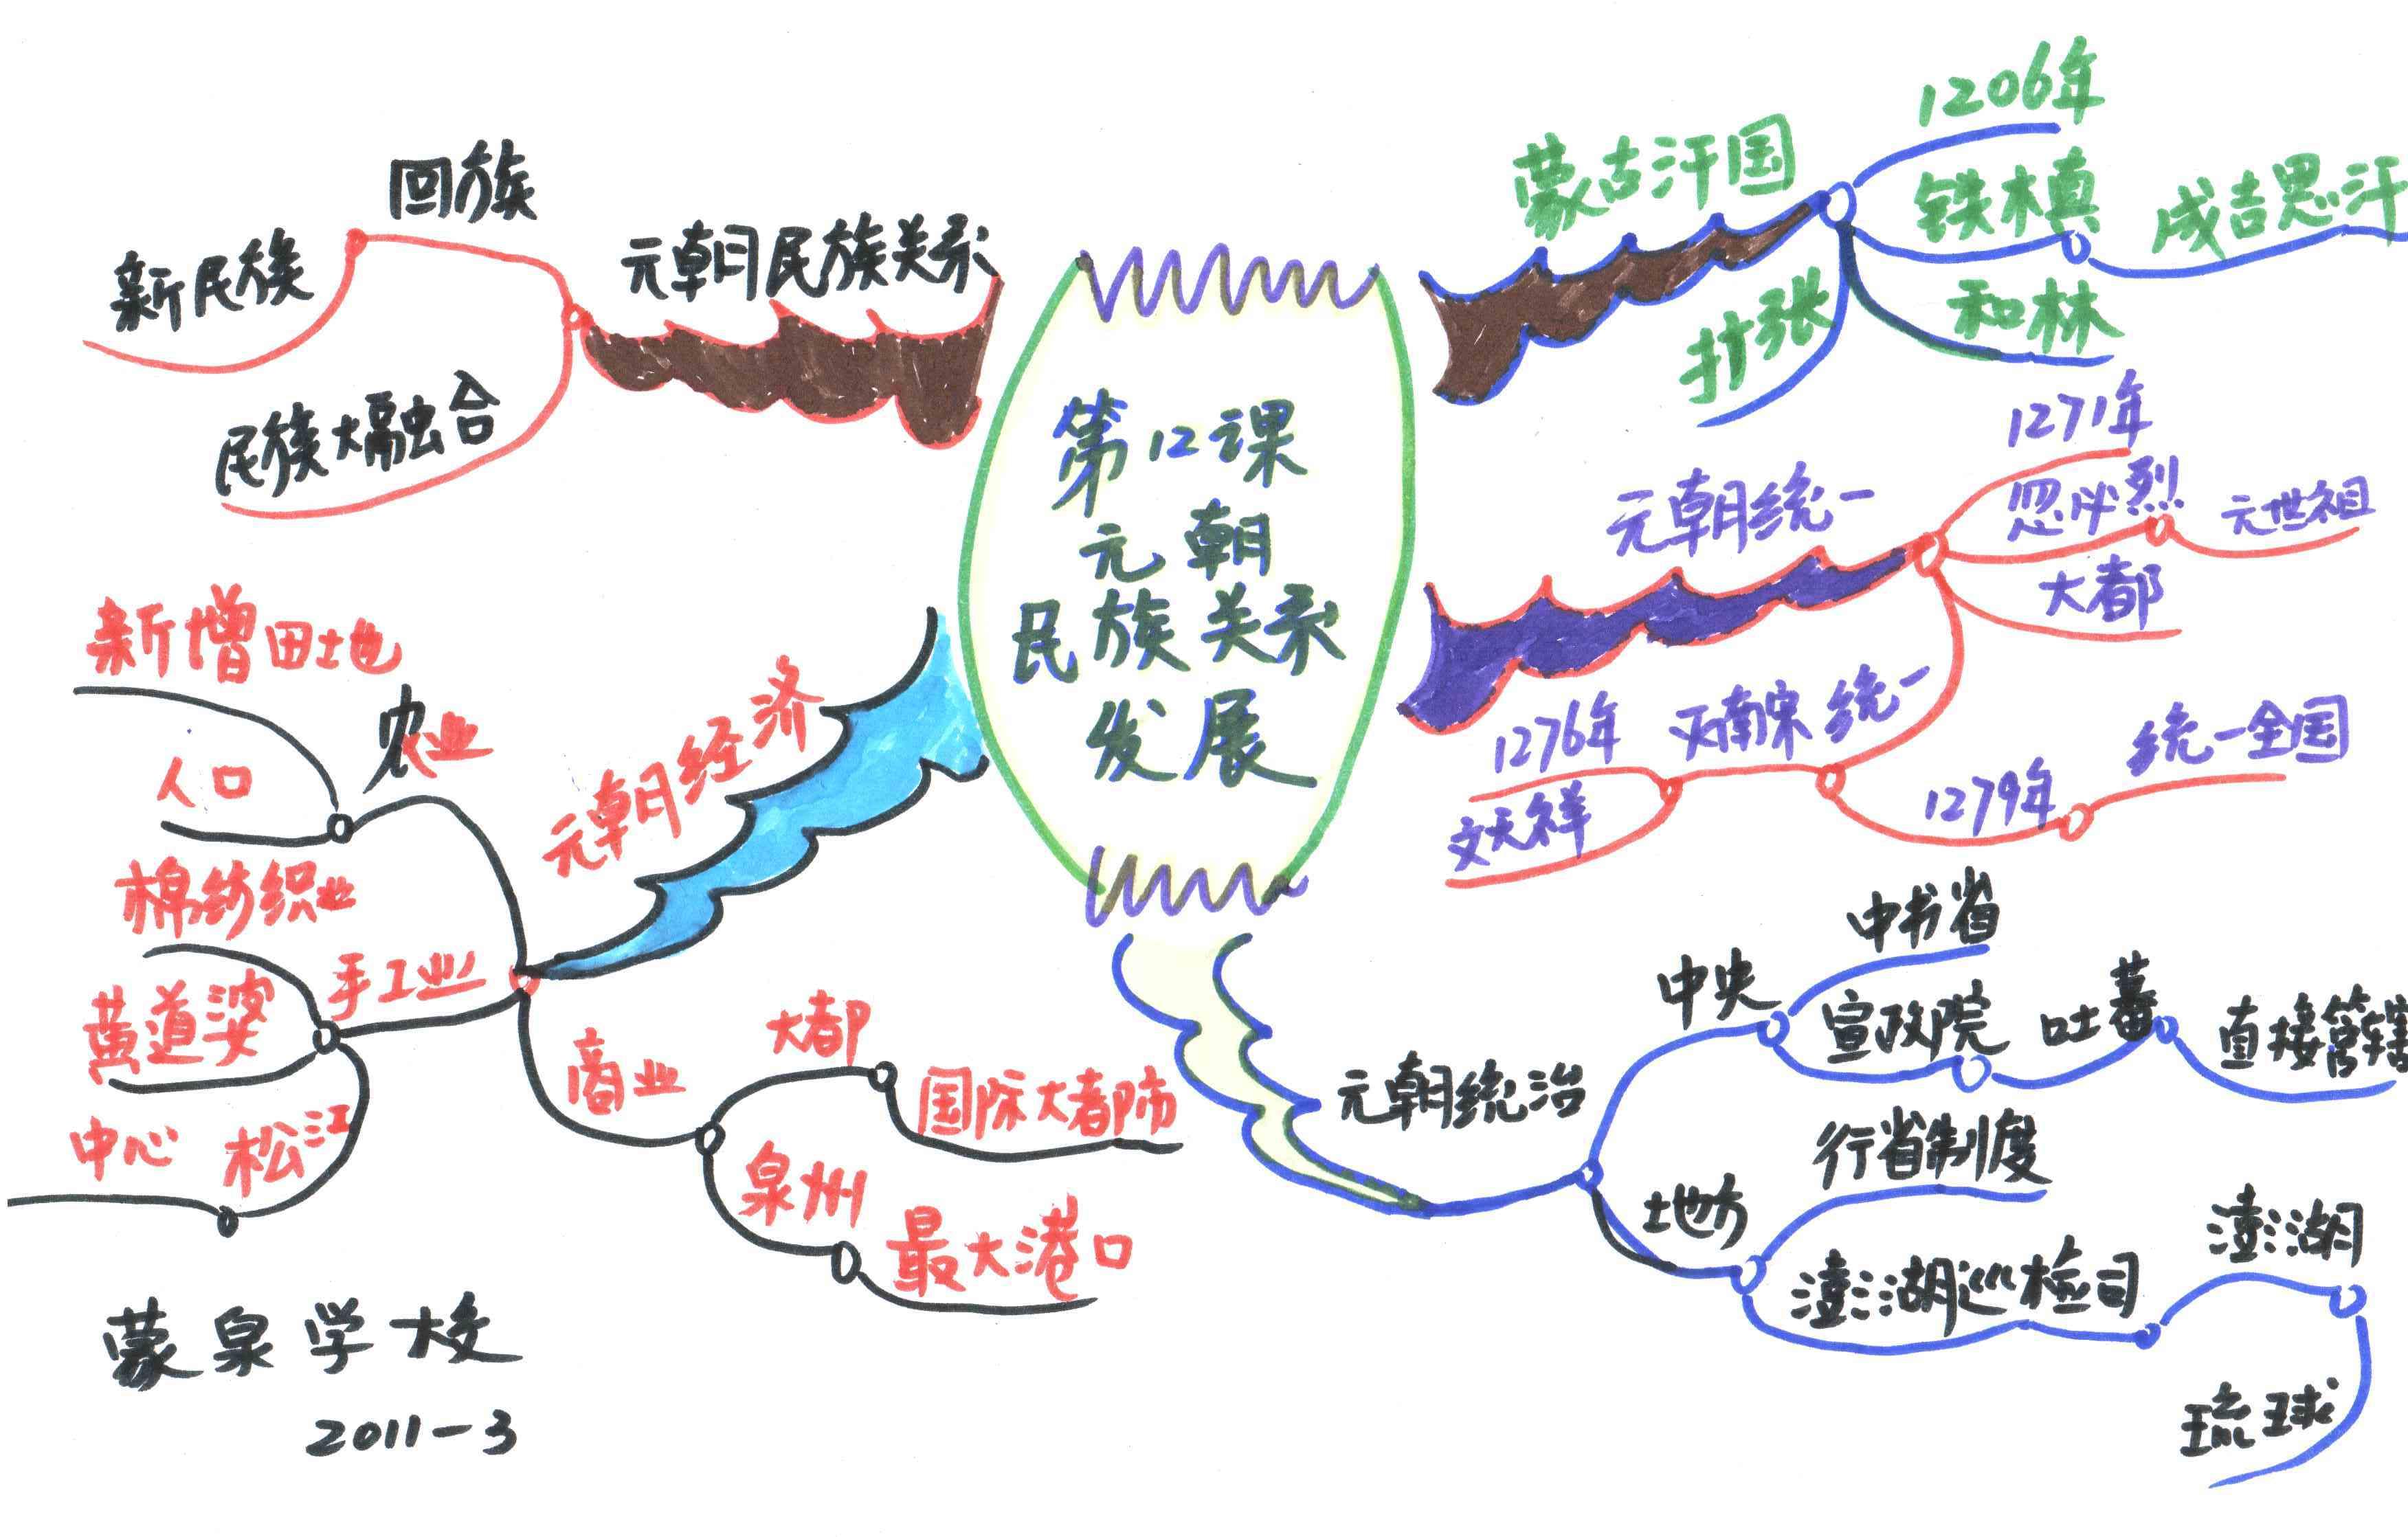 [转载]高中语文,物理,地理,政治,数学,化学,历史,生物,英语思维导图图片